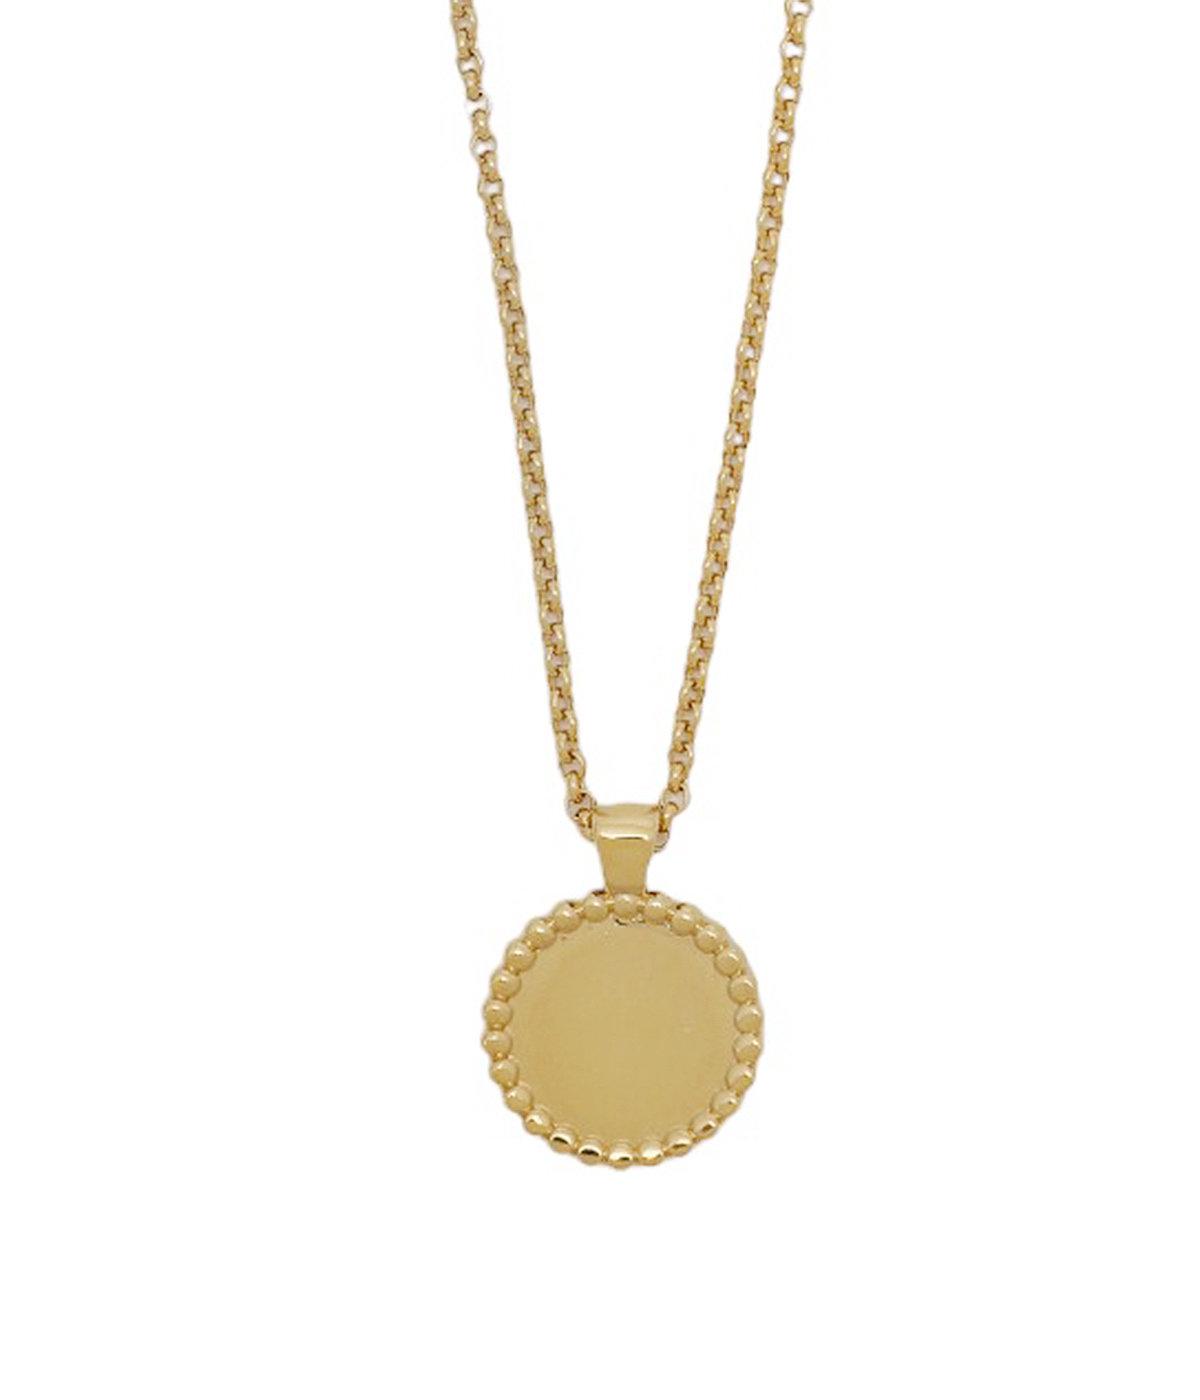 【レディース】Sid necklace bress pm Light gold